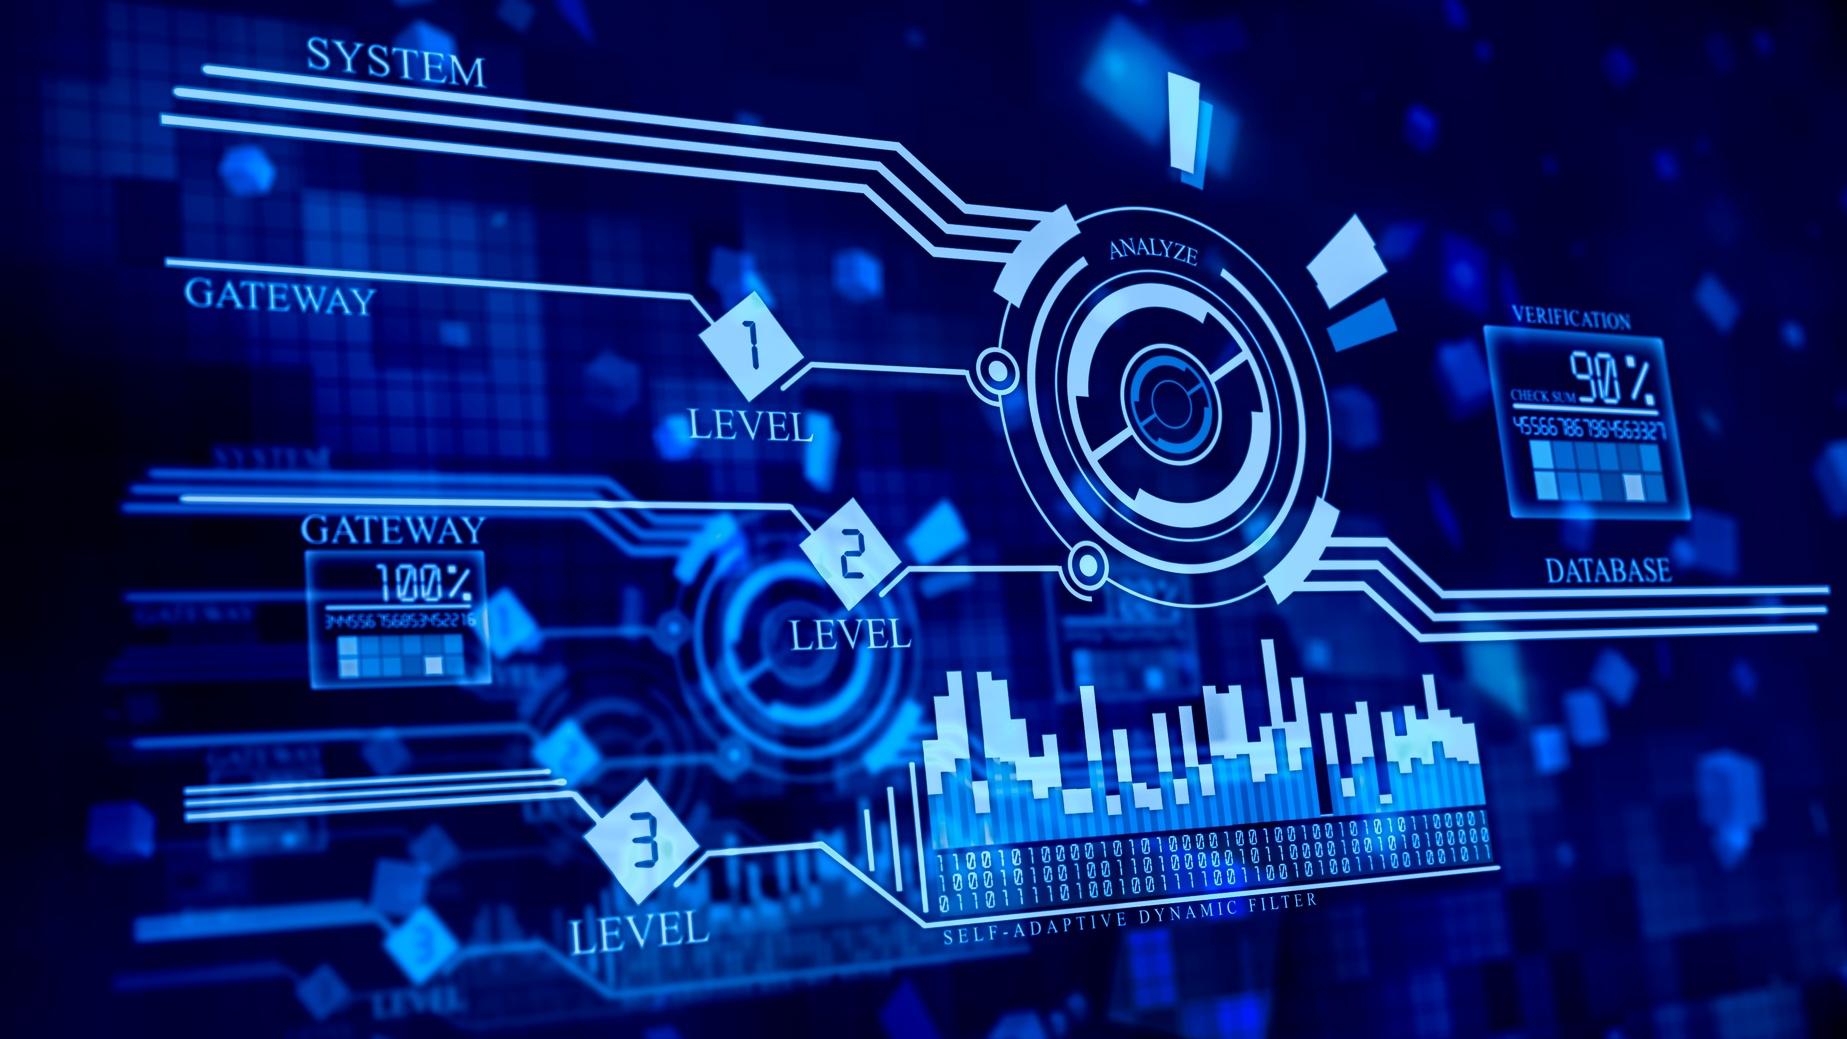 FFIEC_Cybersecurity_Assessment_Tool.jpg